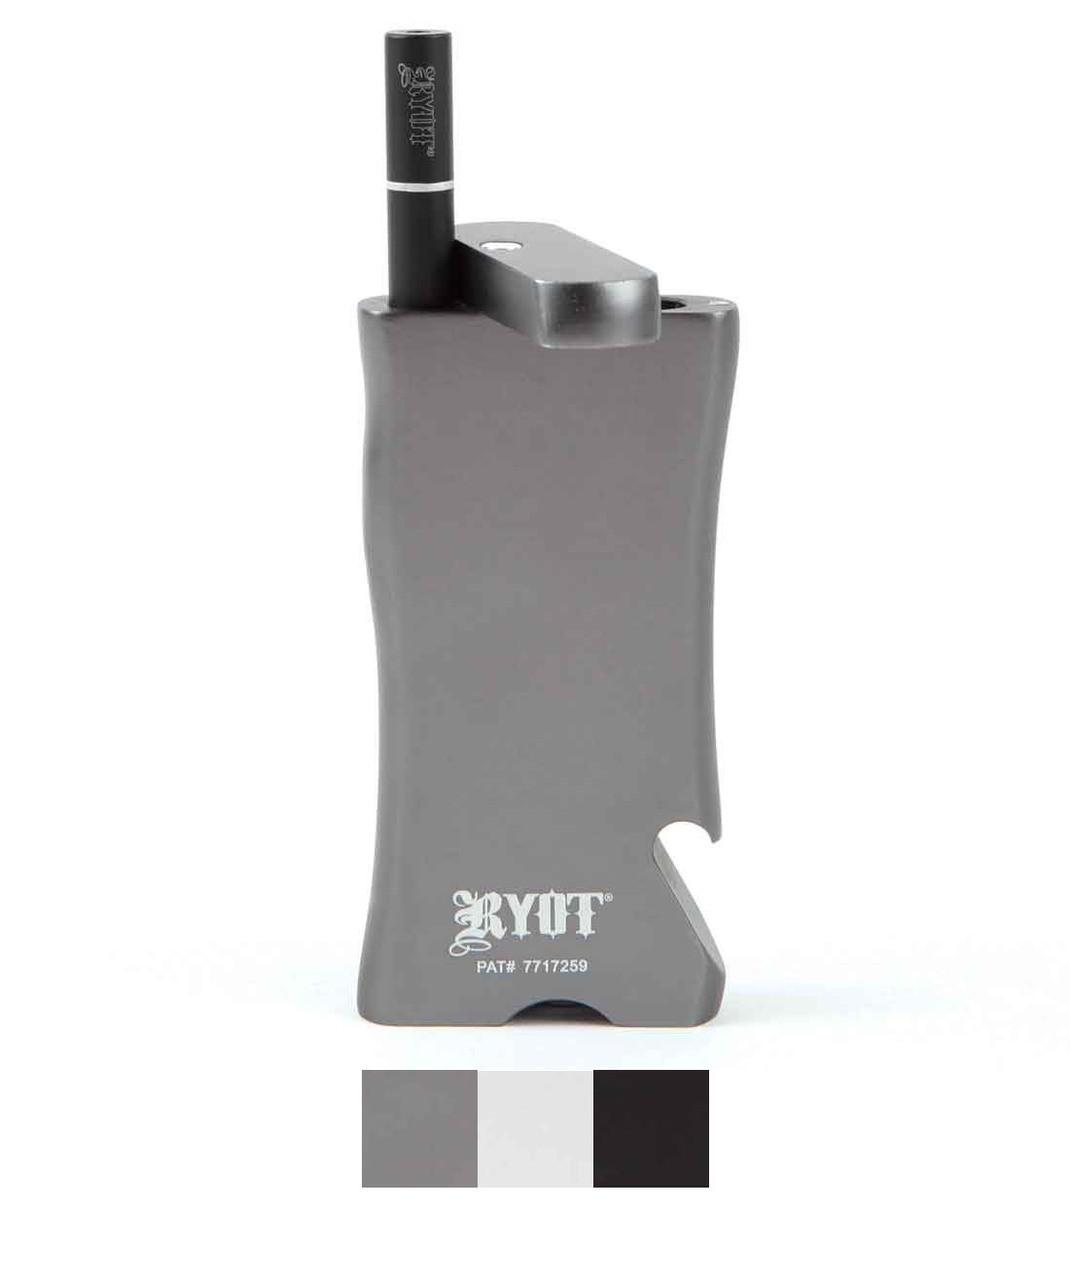 RYOT®  SUPER Magnetic Taster Box  w/Bottle Opener